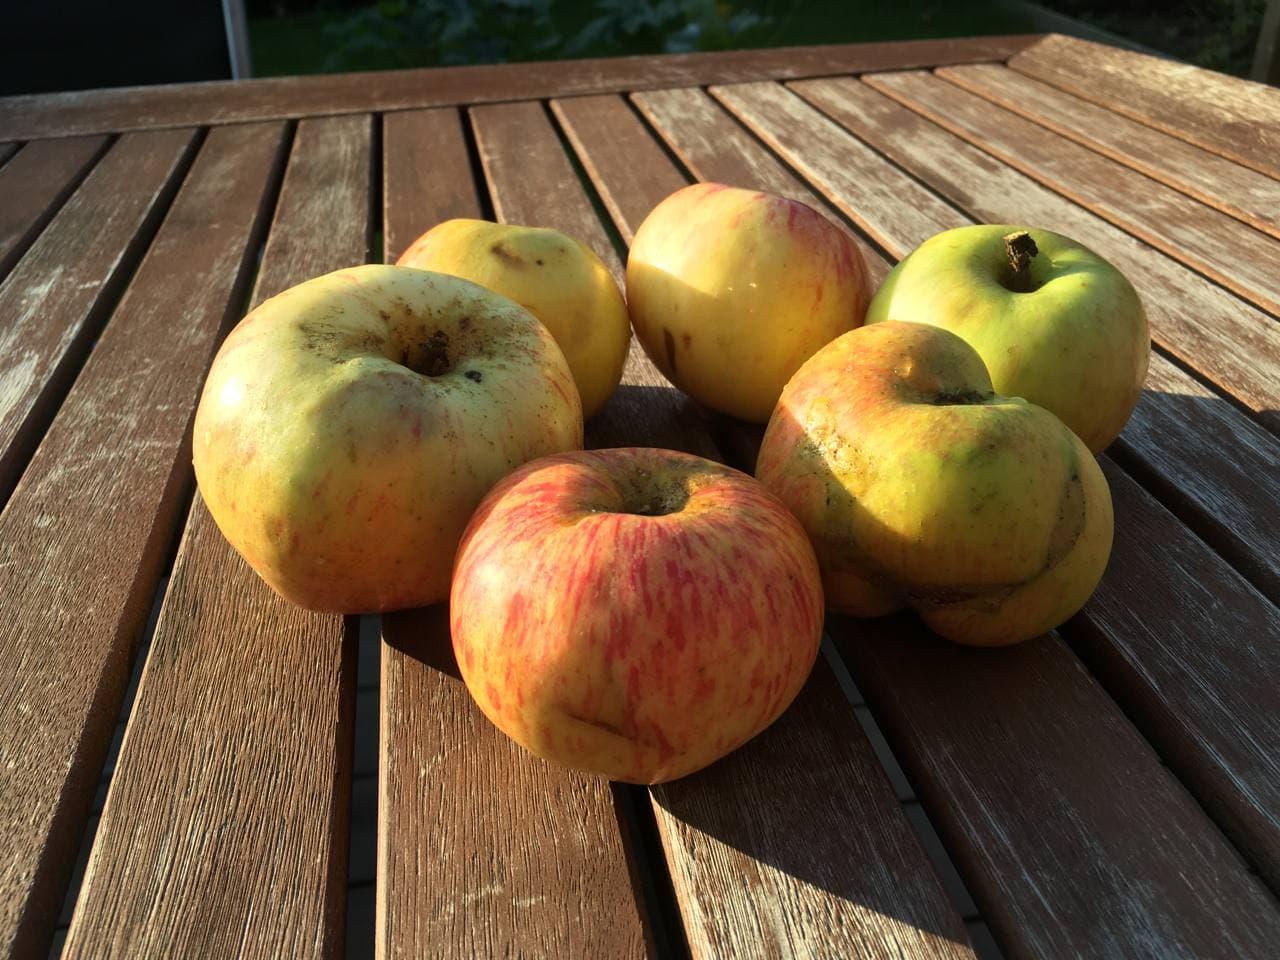 Sechs Äpfel auf einem Holztisch